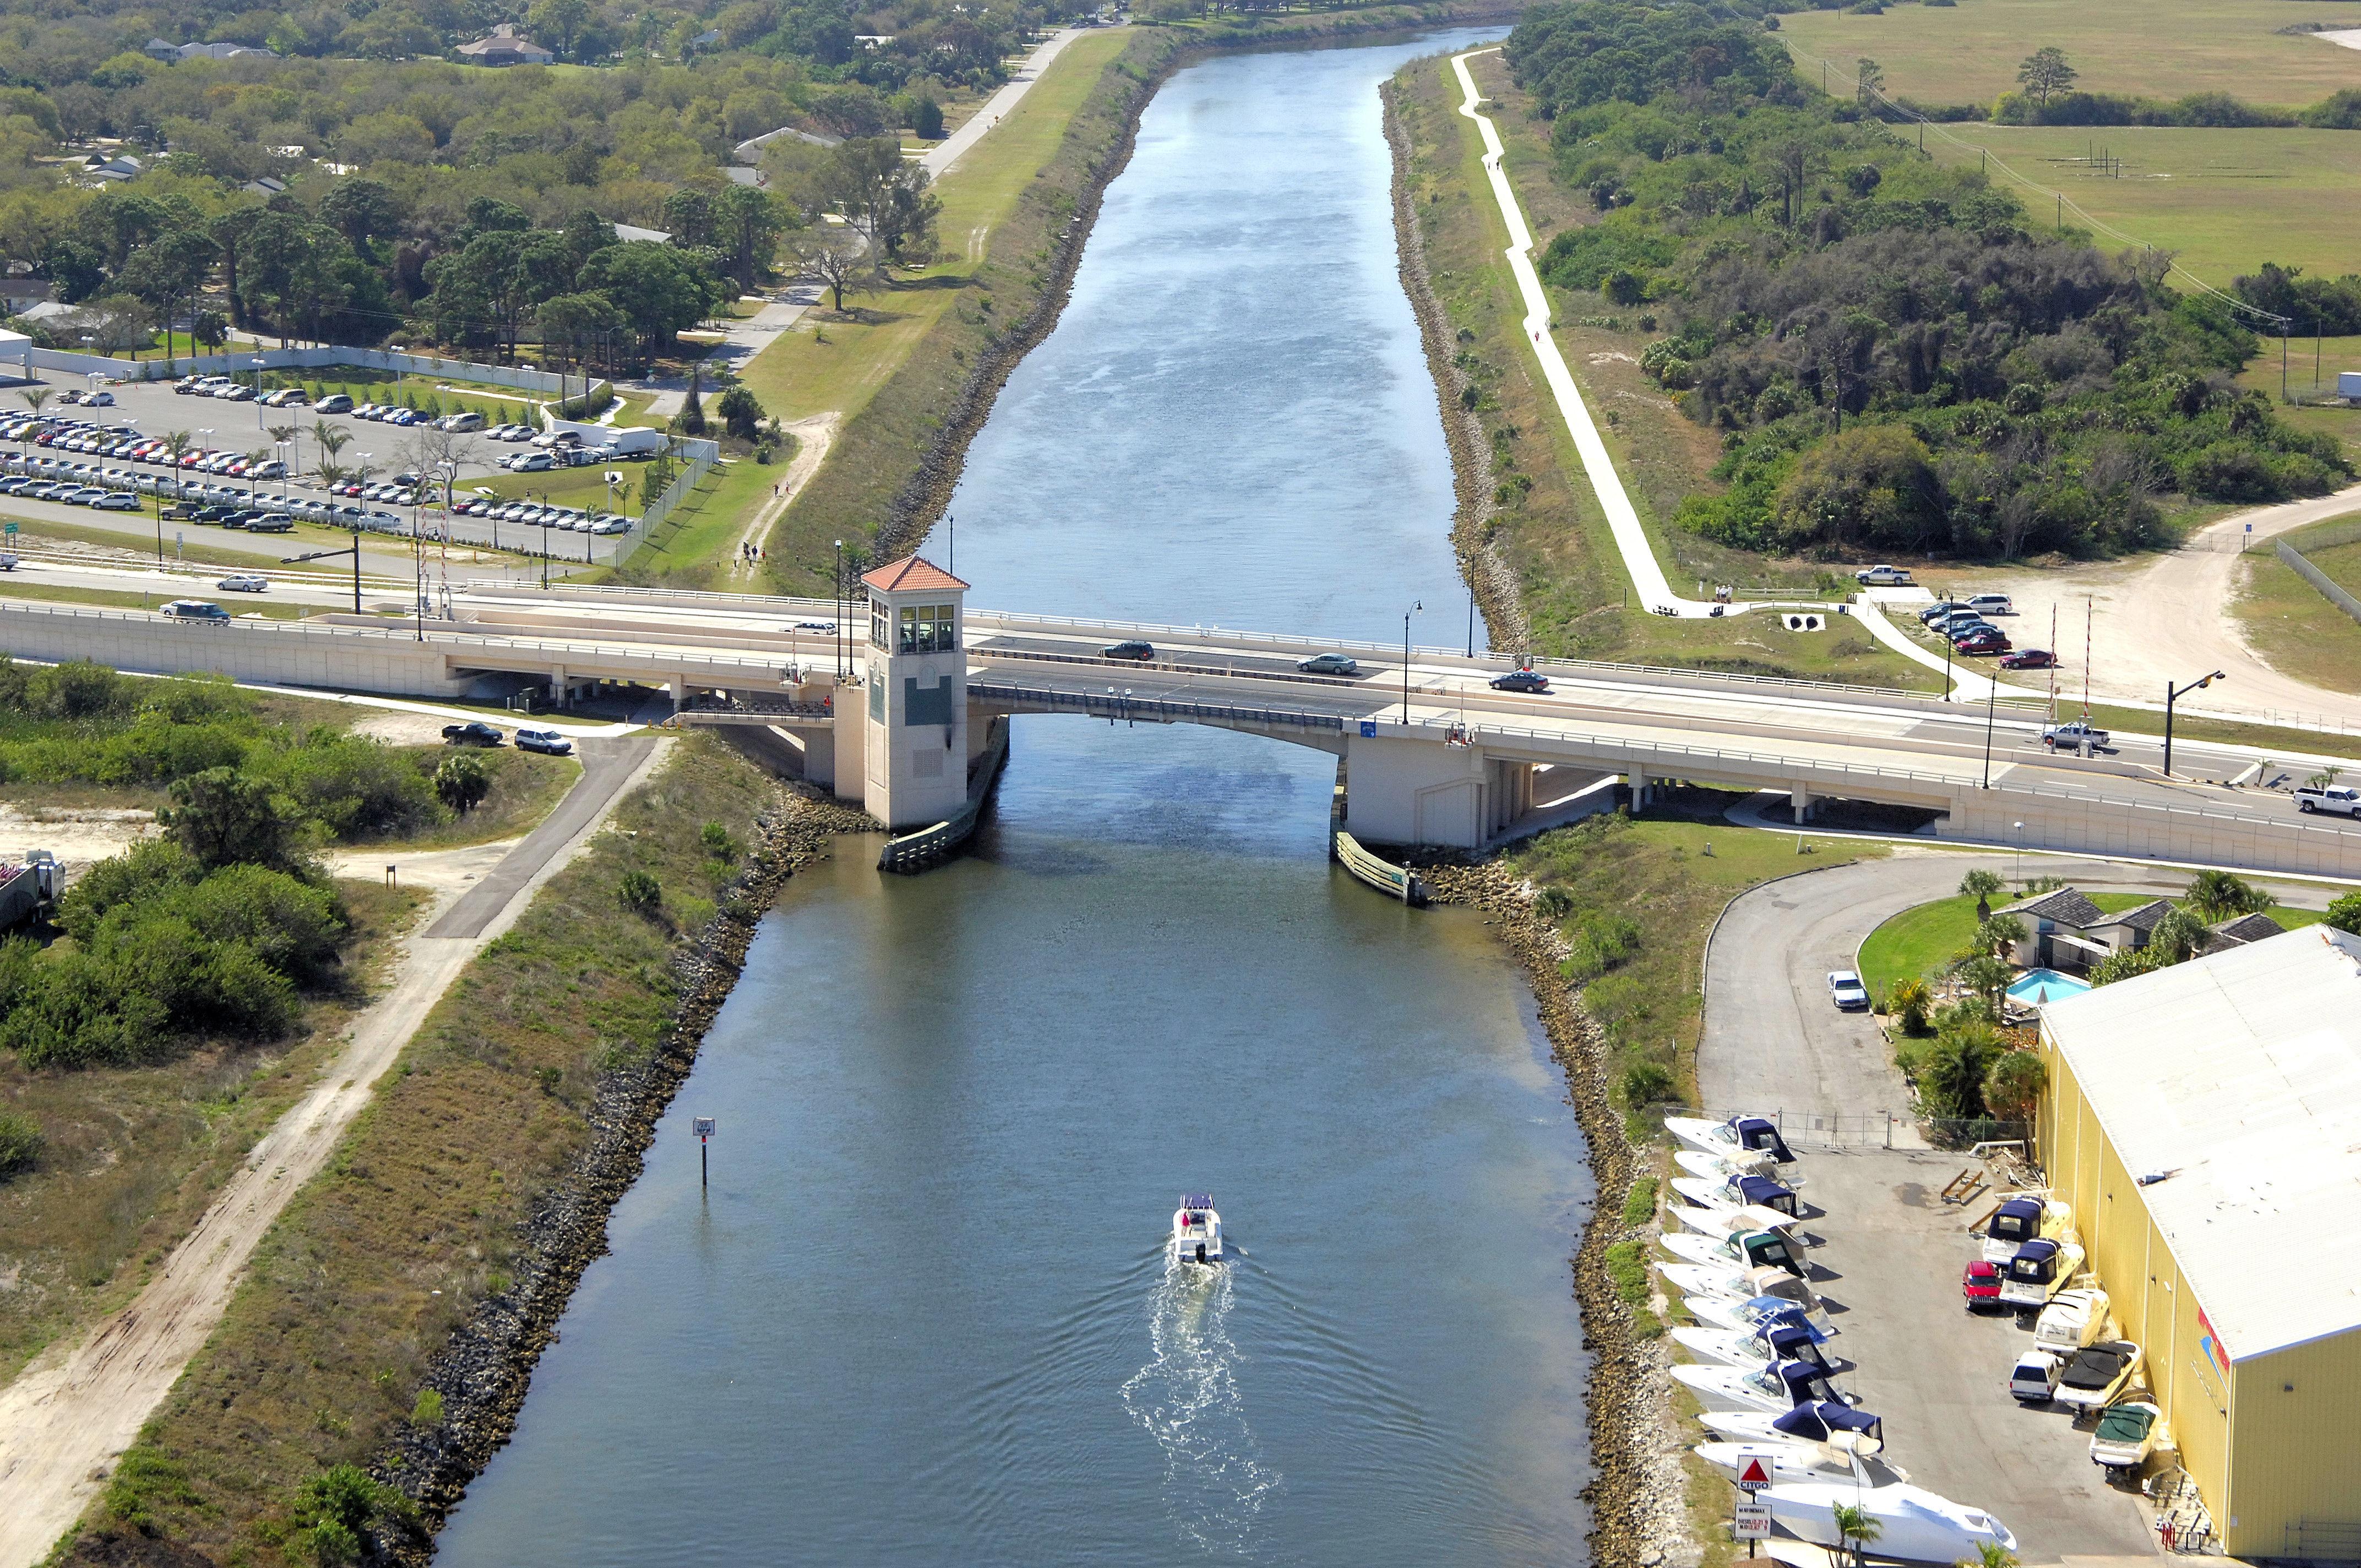 Circustamiami Trail Bascule Bridge In Venice Fl United States